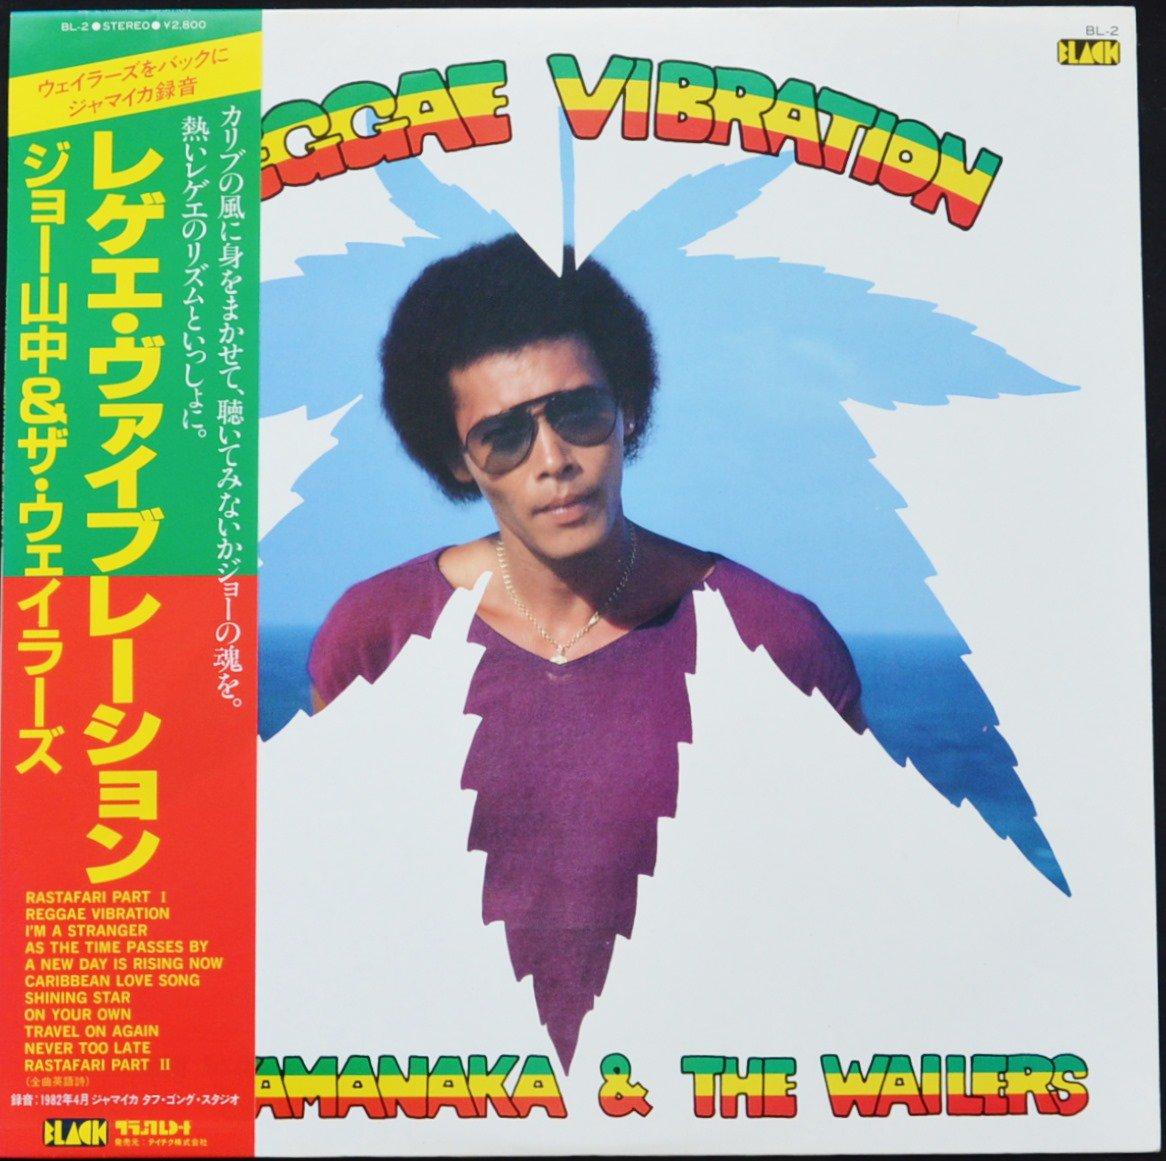 ジョー・山中 JOE YAMANAKA & THE WAILERS / レゲエ・ヴァイブレーション REGGAE VIBRATION (LP)